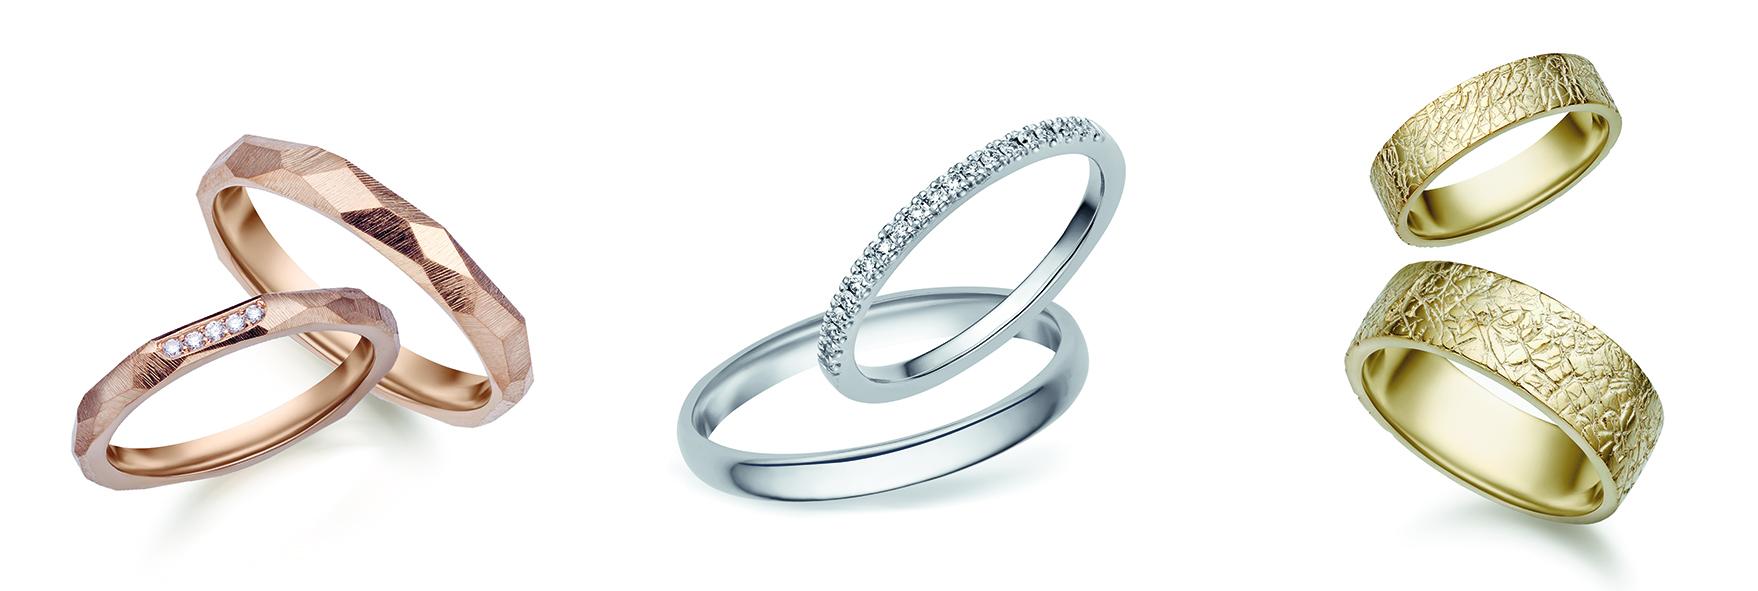 karikagyűrű, Esküvői gyűrű 1×1 – Ezeket mindenképp át kell gondolnod, mielőtt kiválasztjátok a karikagyűrűket!